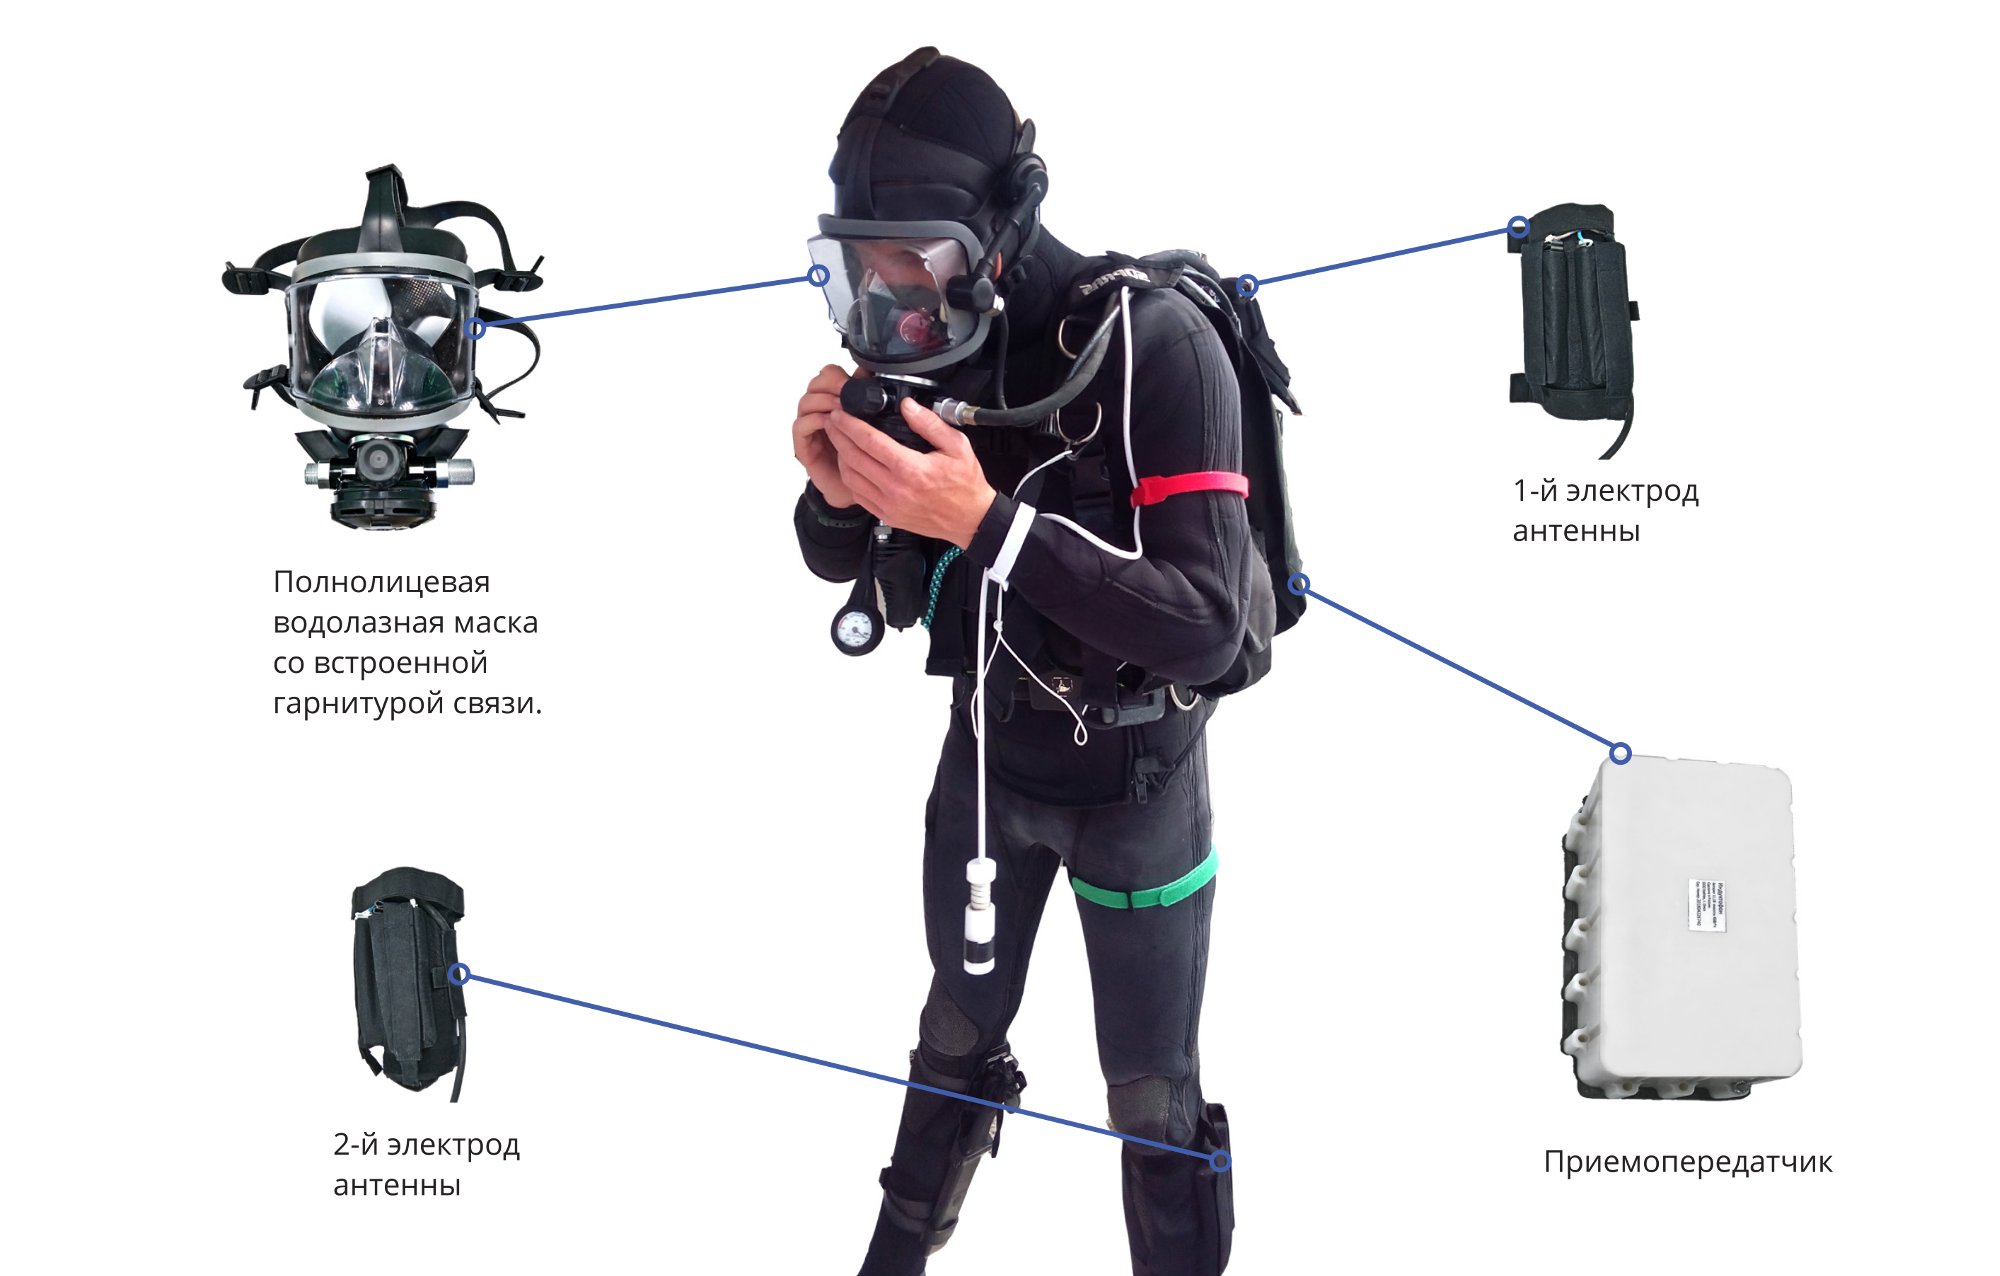 В России создано инновационное устройство подводной радиосвязи